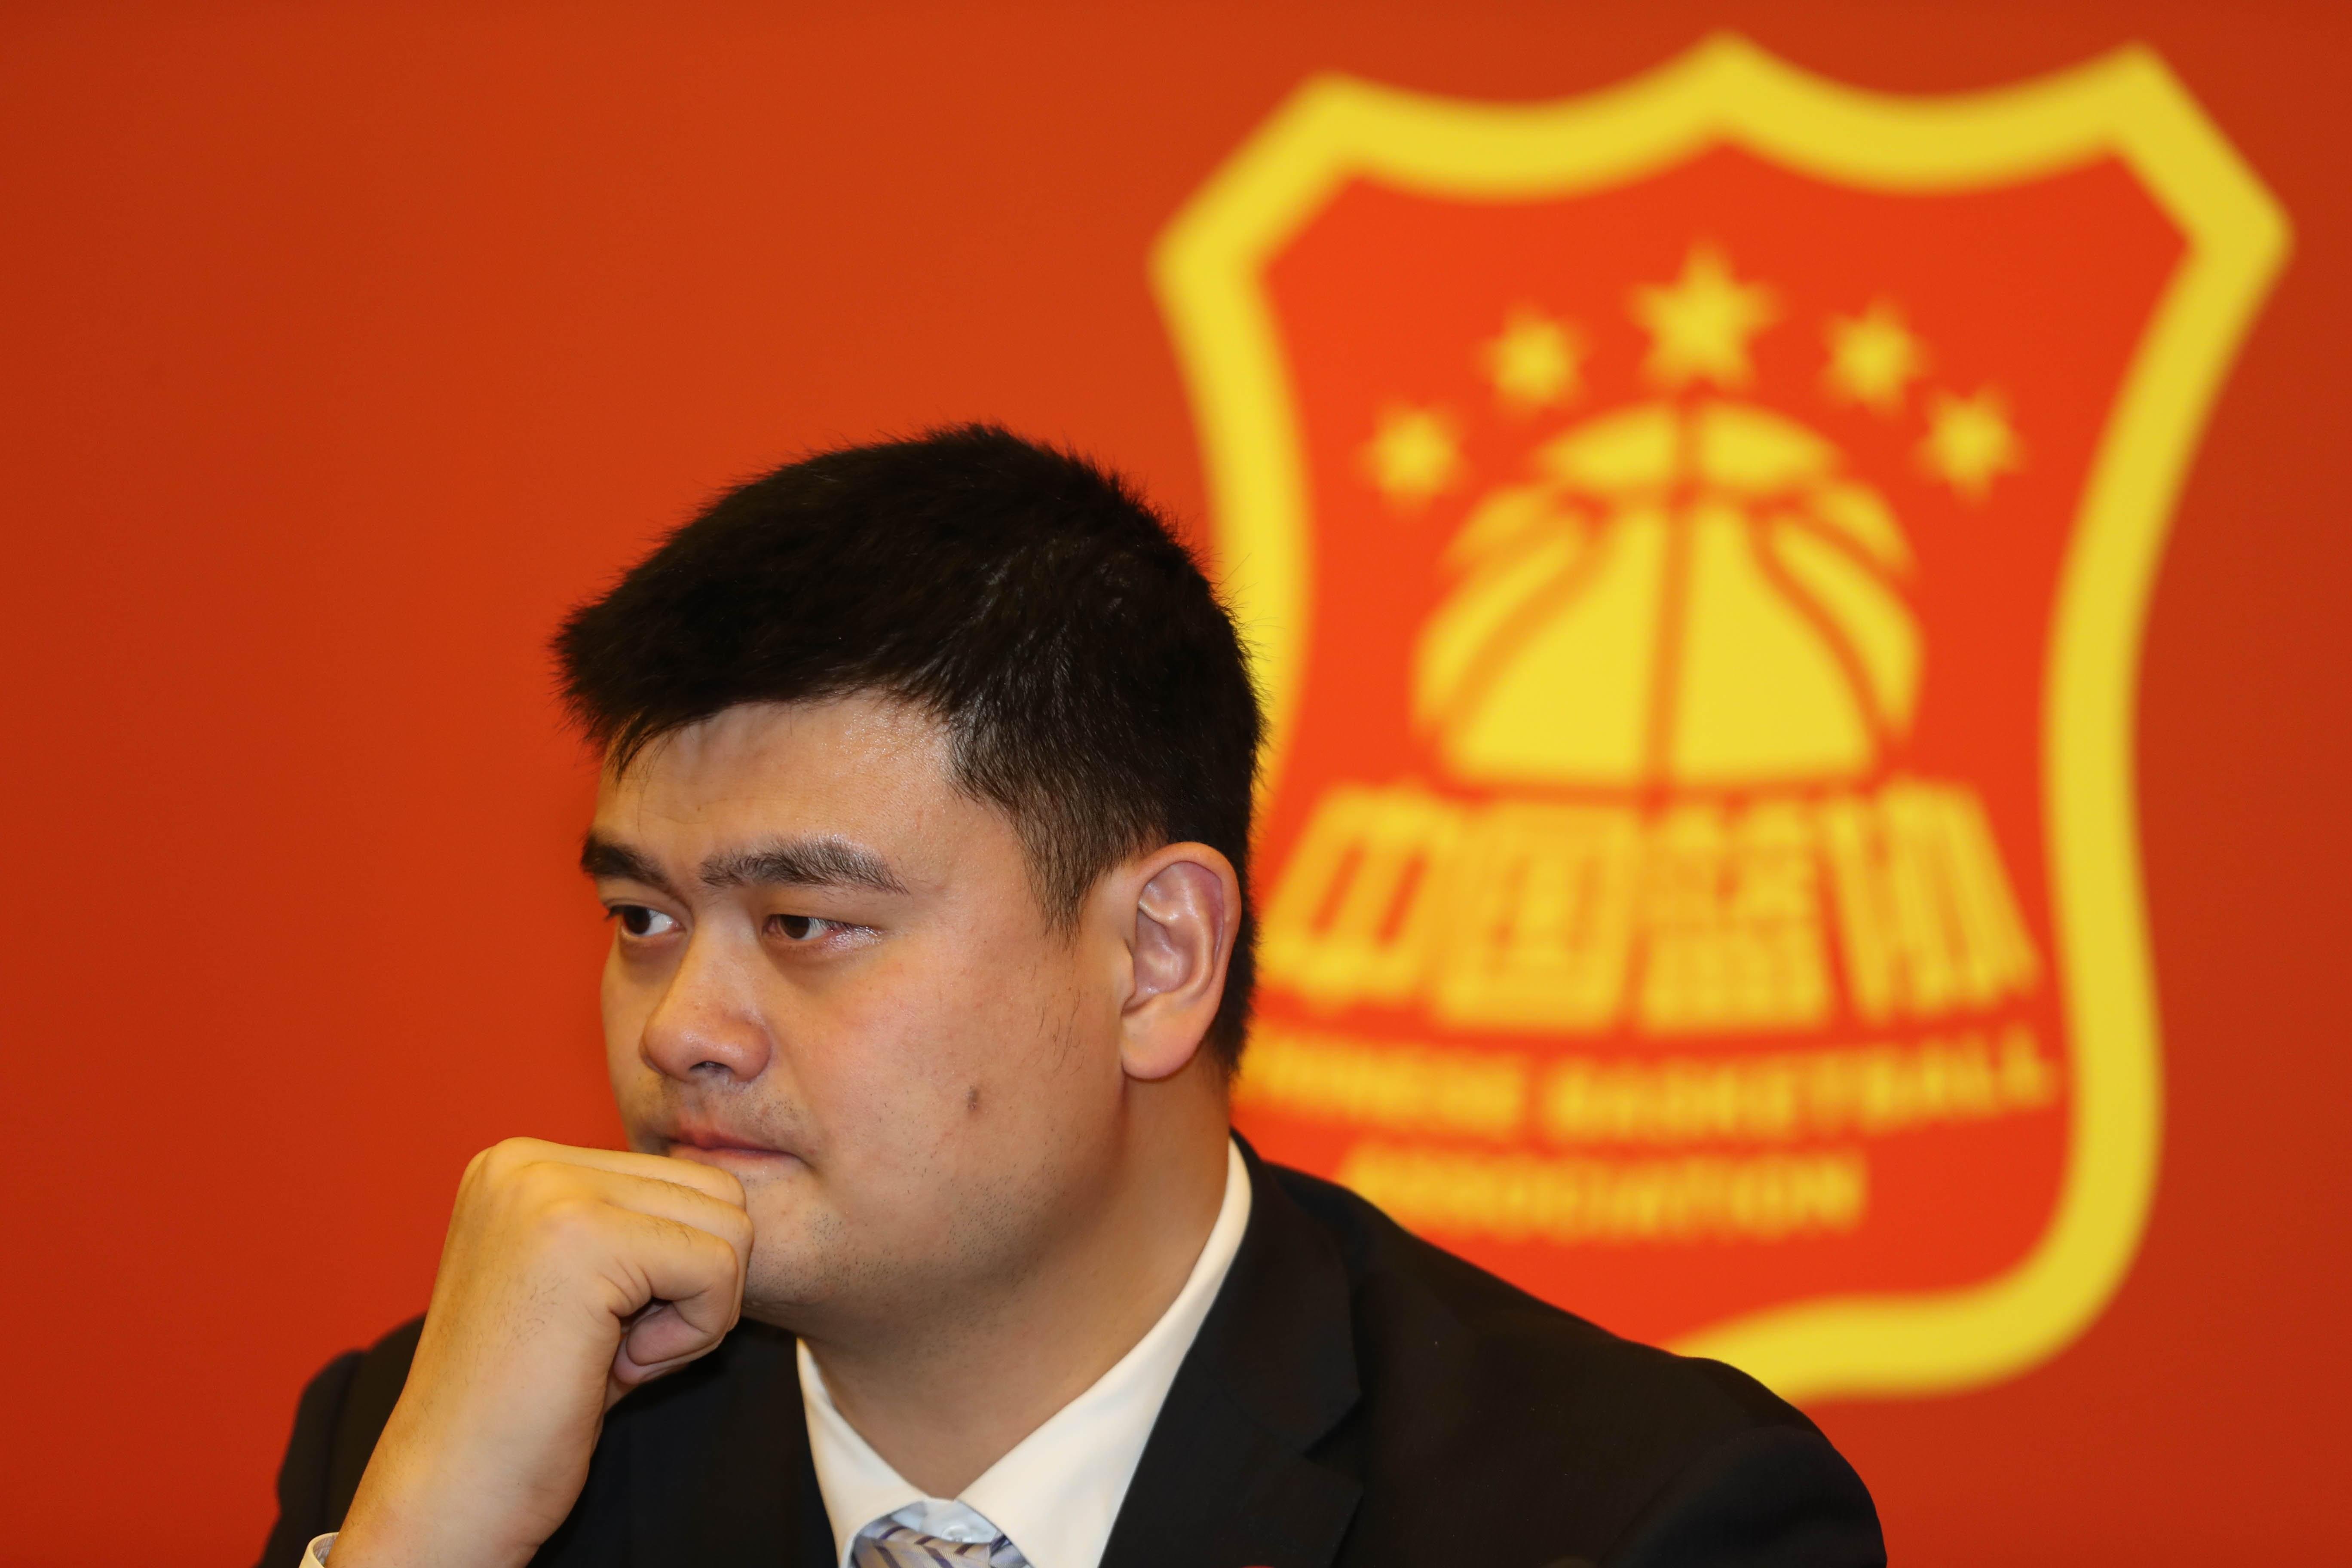 上海官方:姚明正式退出俱乐部 不再参与经营管理